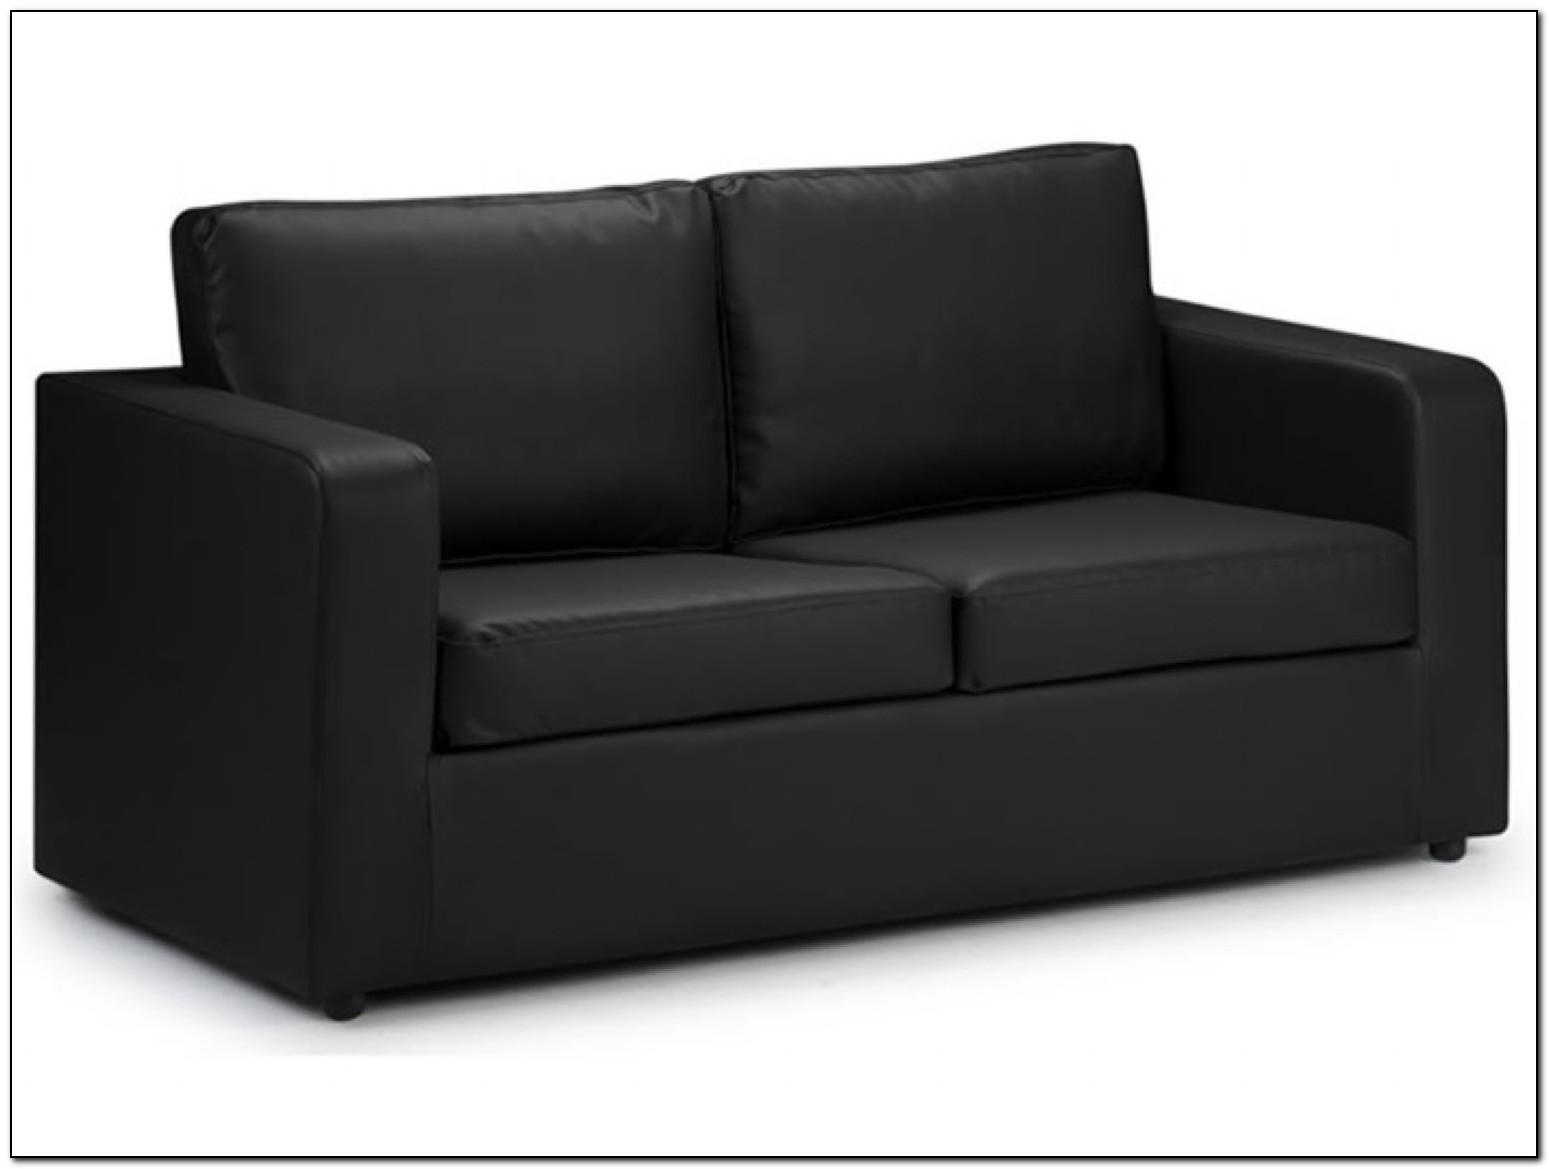 Ikea Leather Sofa Quality